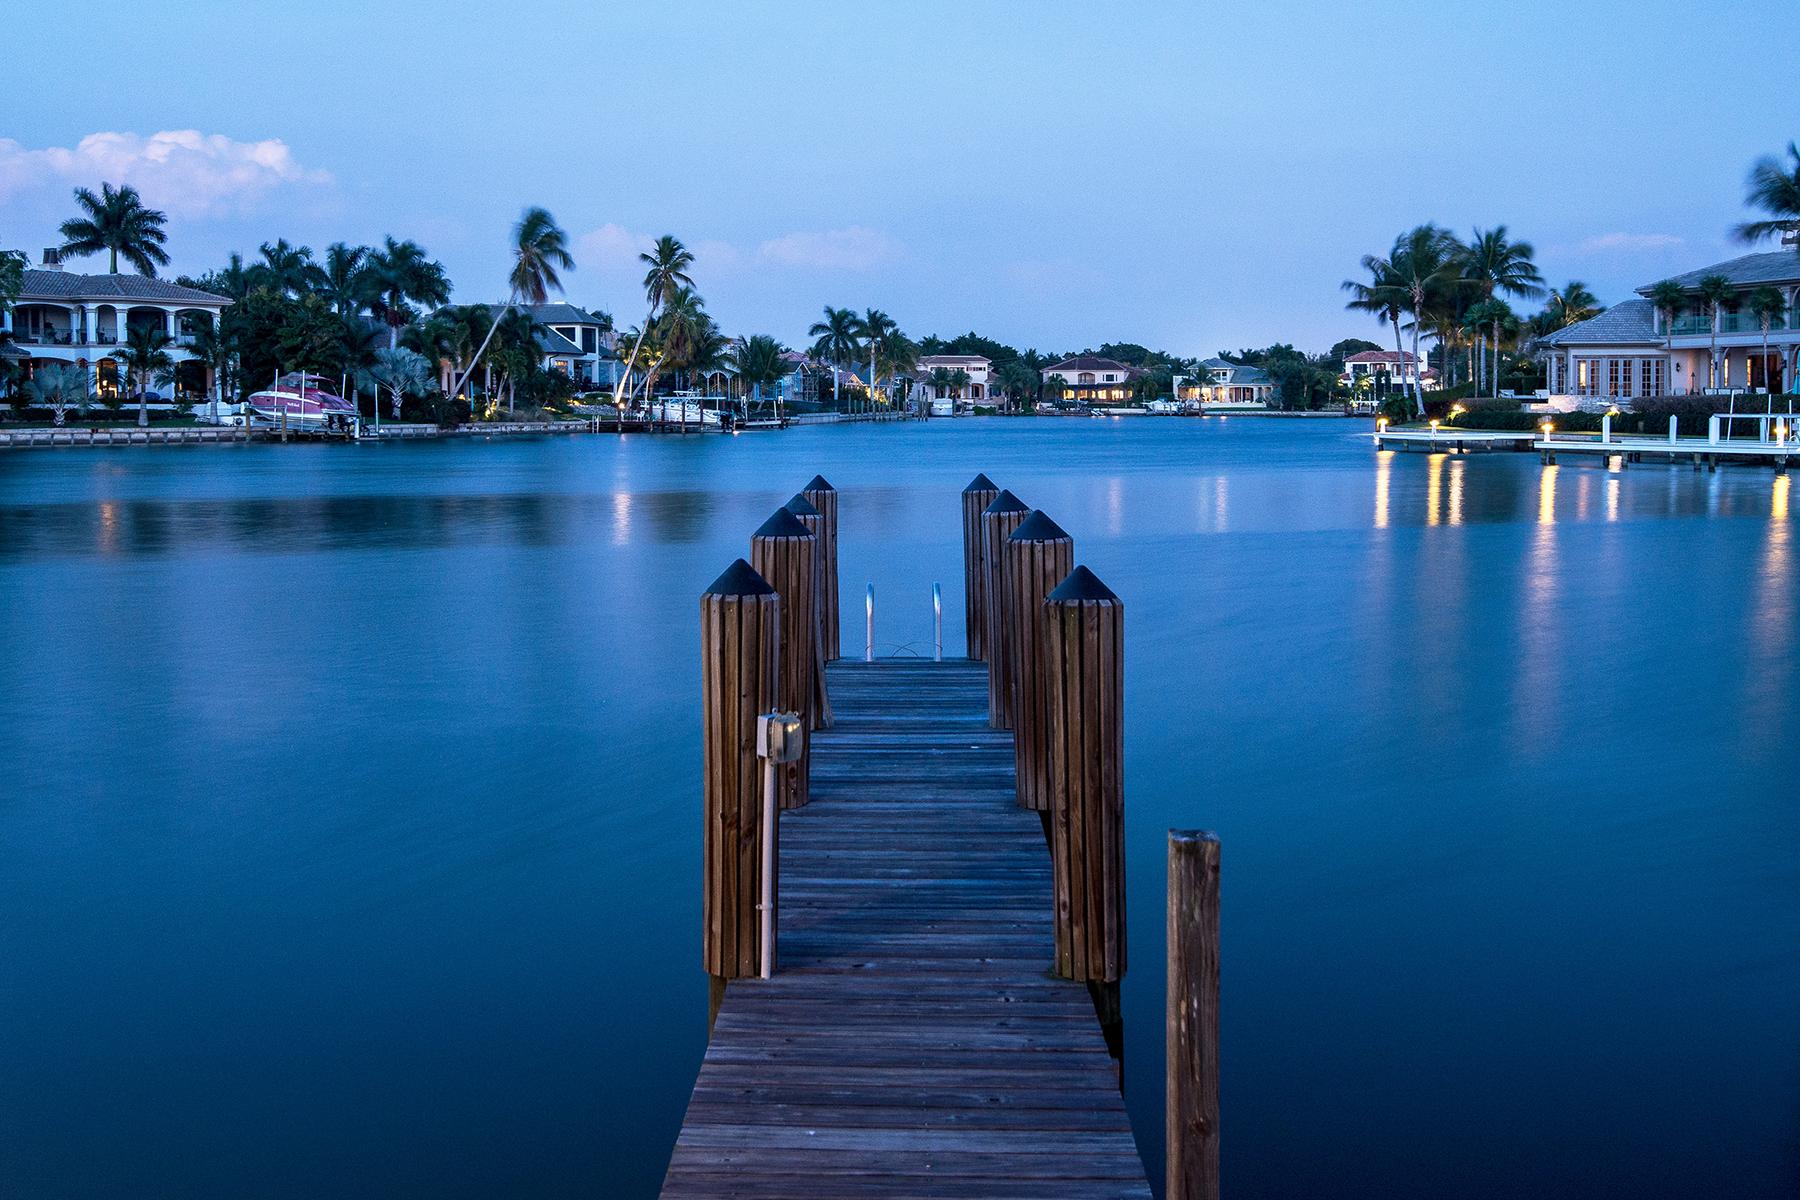 Condomínio para Venda às MOORINGS - BOULEVARD CLUB 1900 Gulf Shore Blvd N 603 Naples, Florida, 34102 Estados Unidos